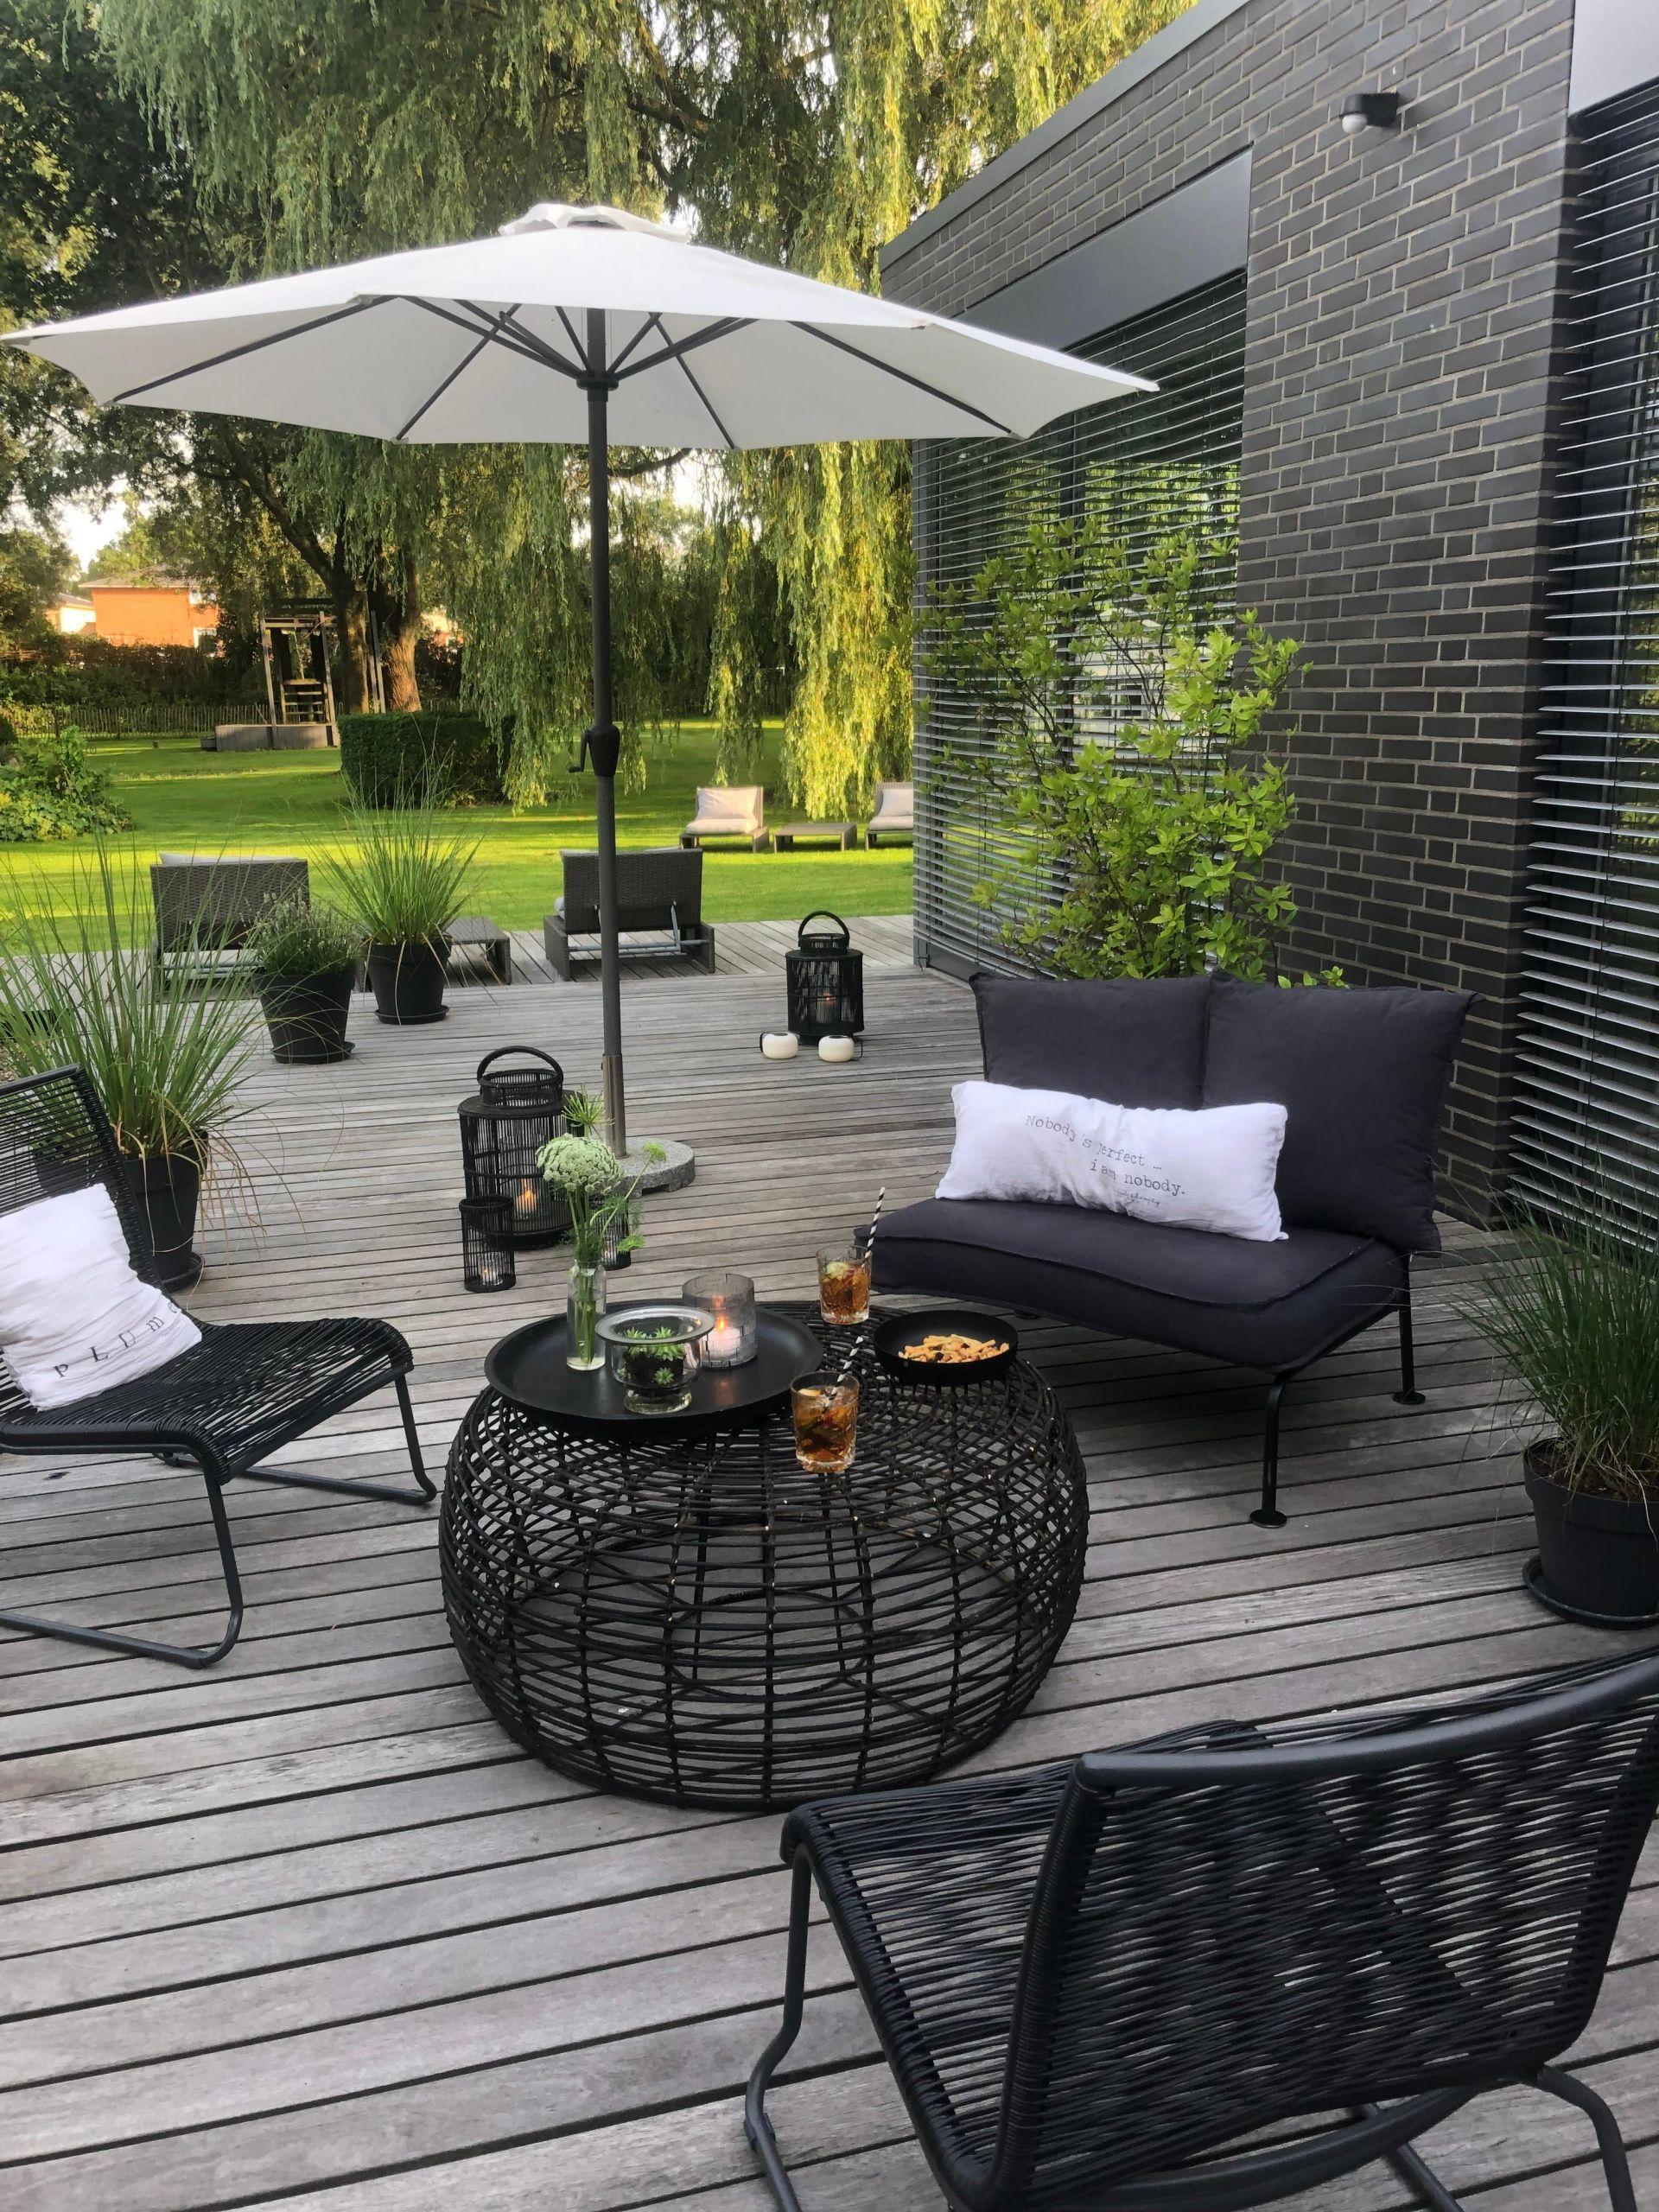 outdoor gartengestaltung terrasse garten holzterrasse 0fe 1548 423d b288 427a68f1ec81